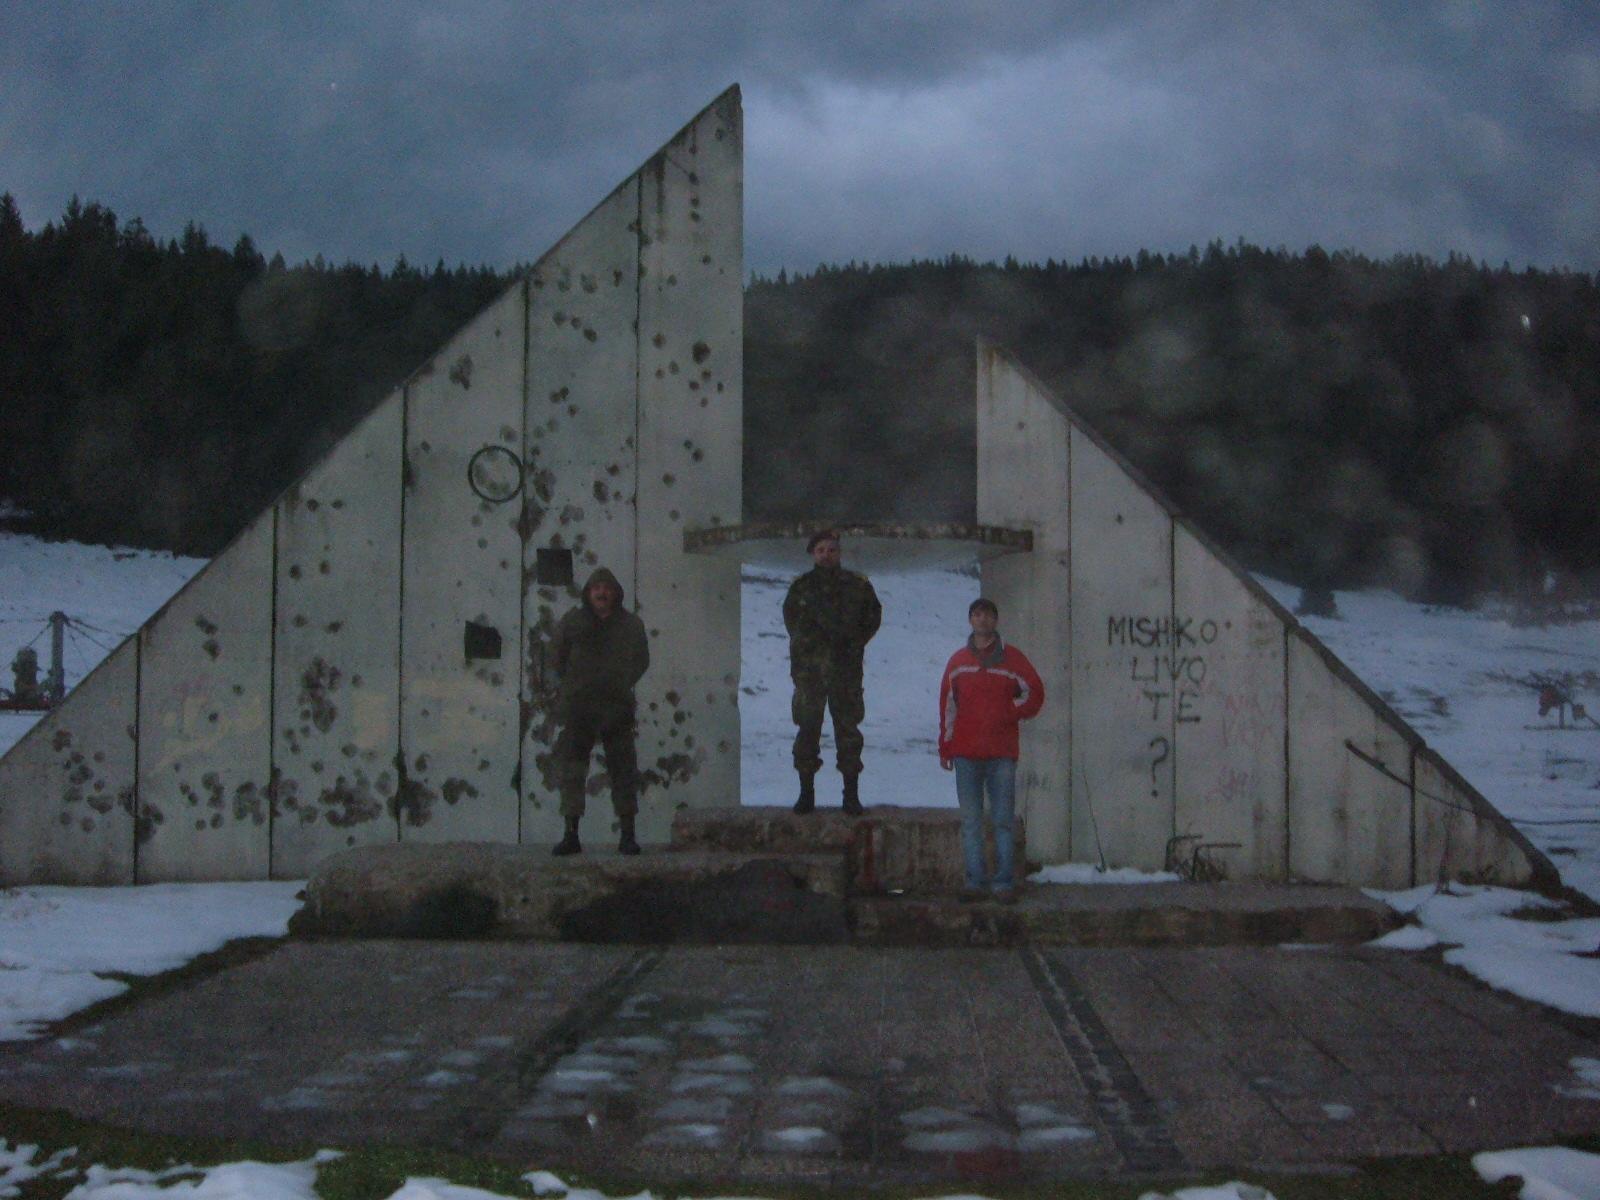 16 Fost podium de premiere la JO 84 din Sarajevo si apoi loc de executie in anii 90